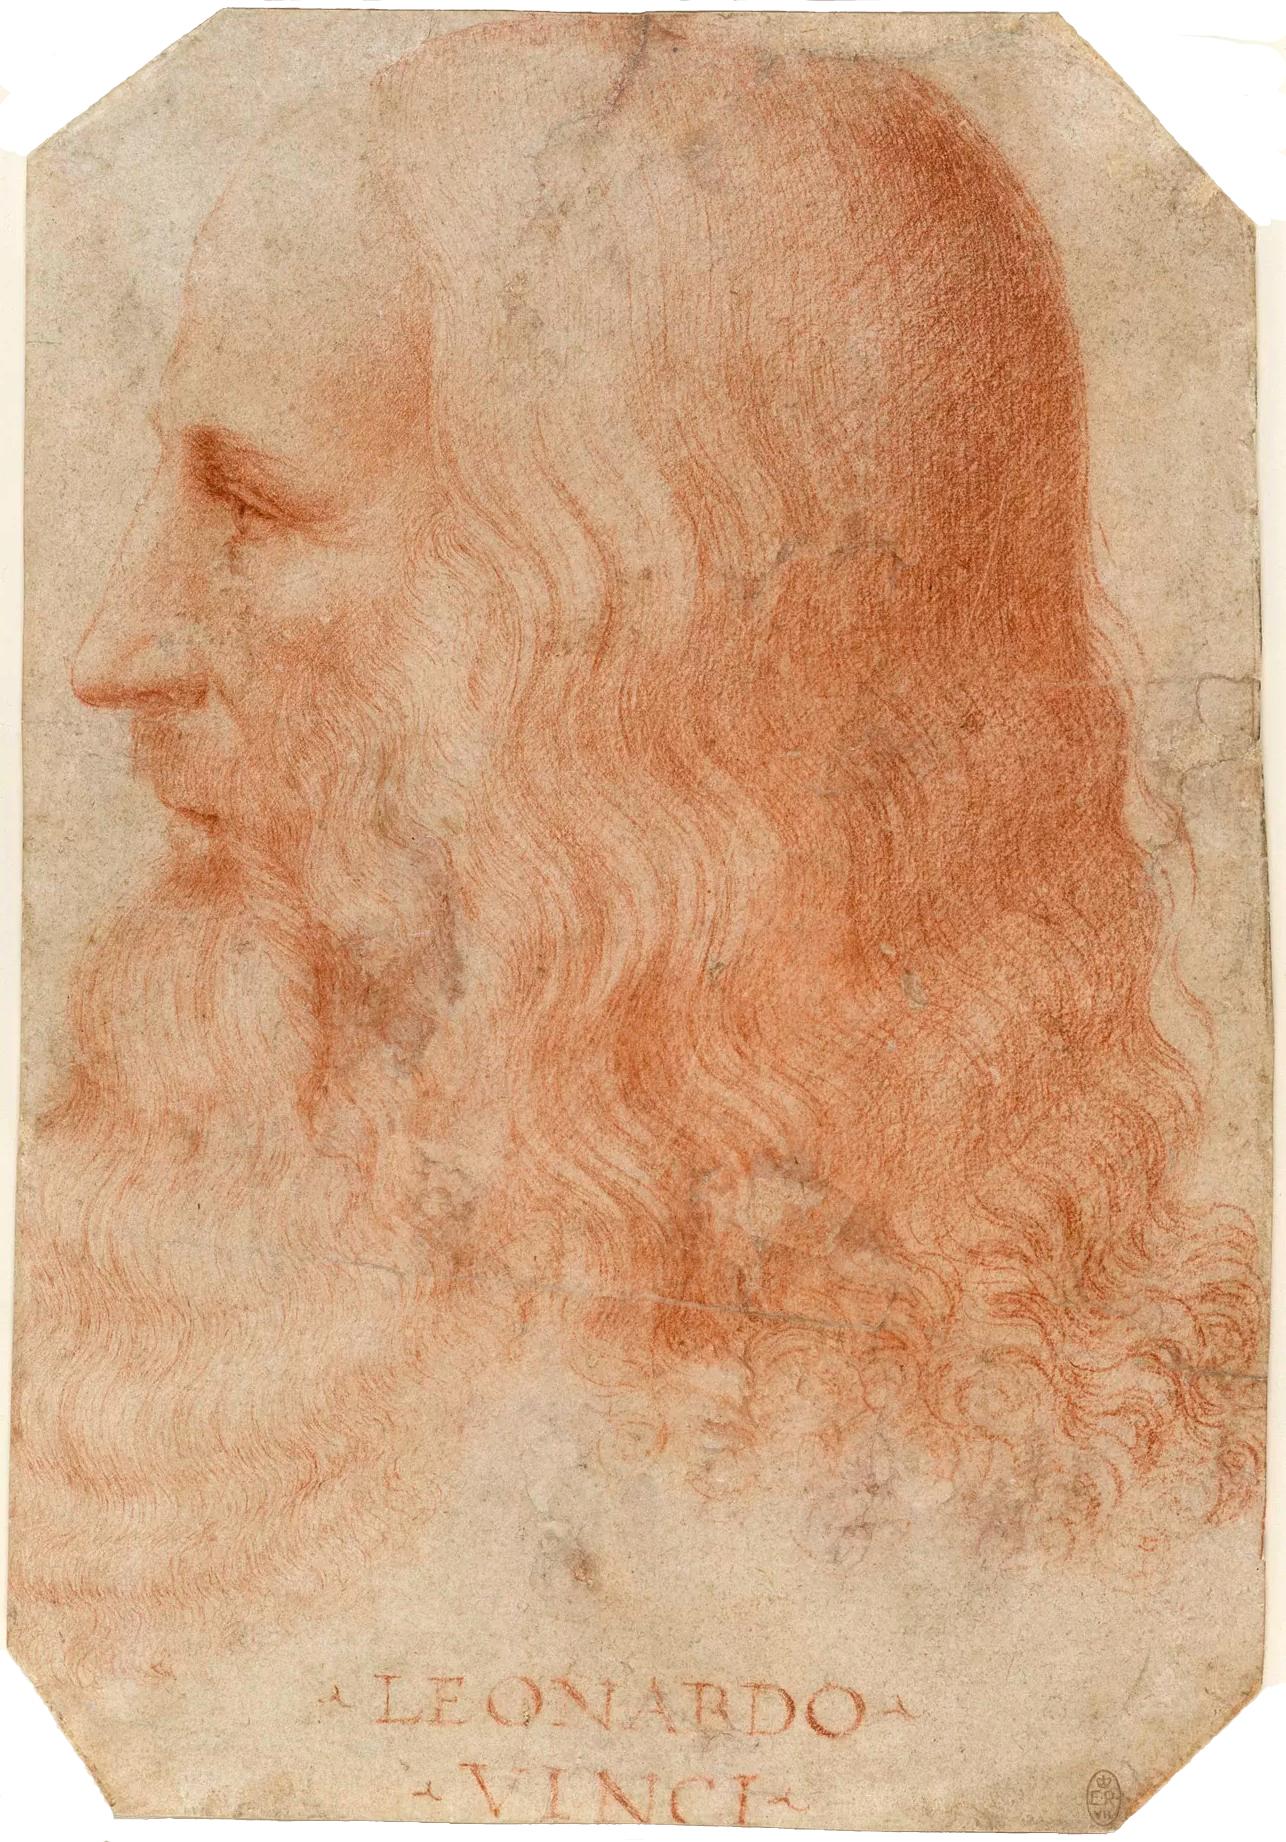 Retrato de leonardo por Francesco Melzi